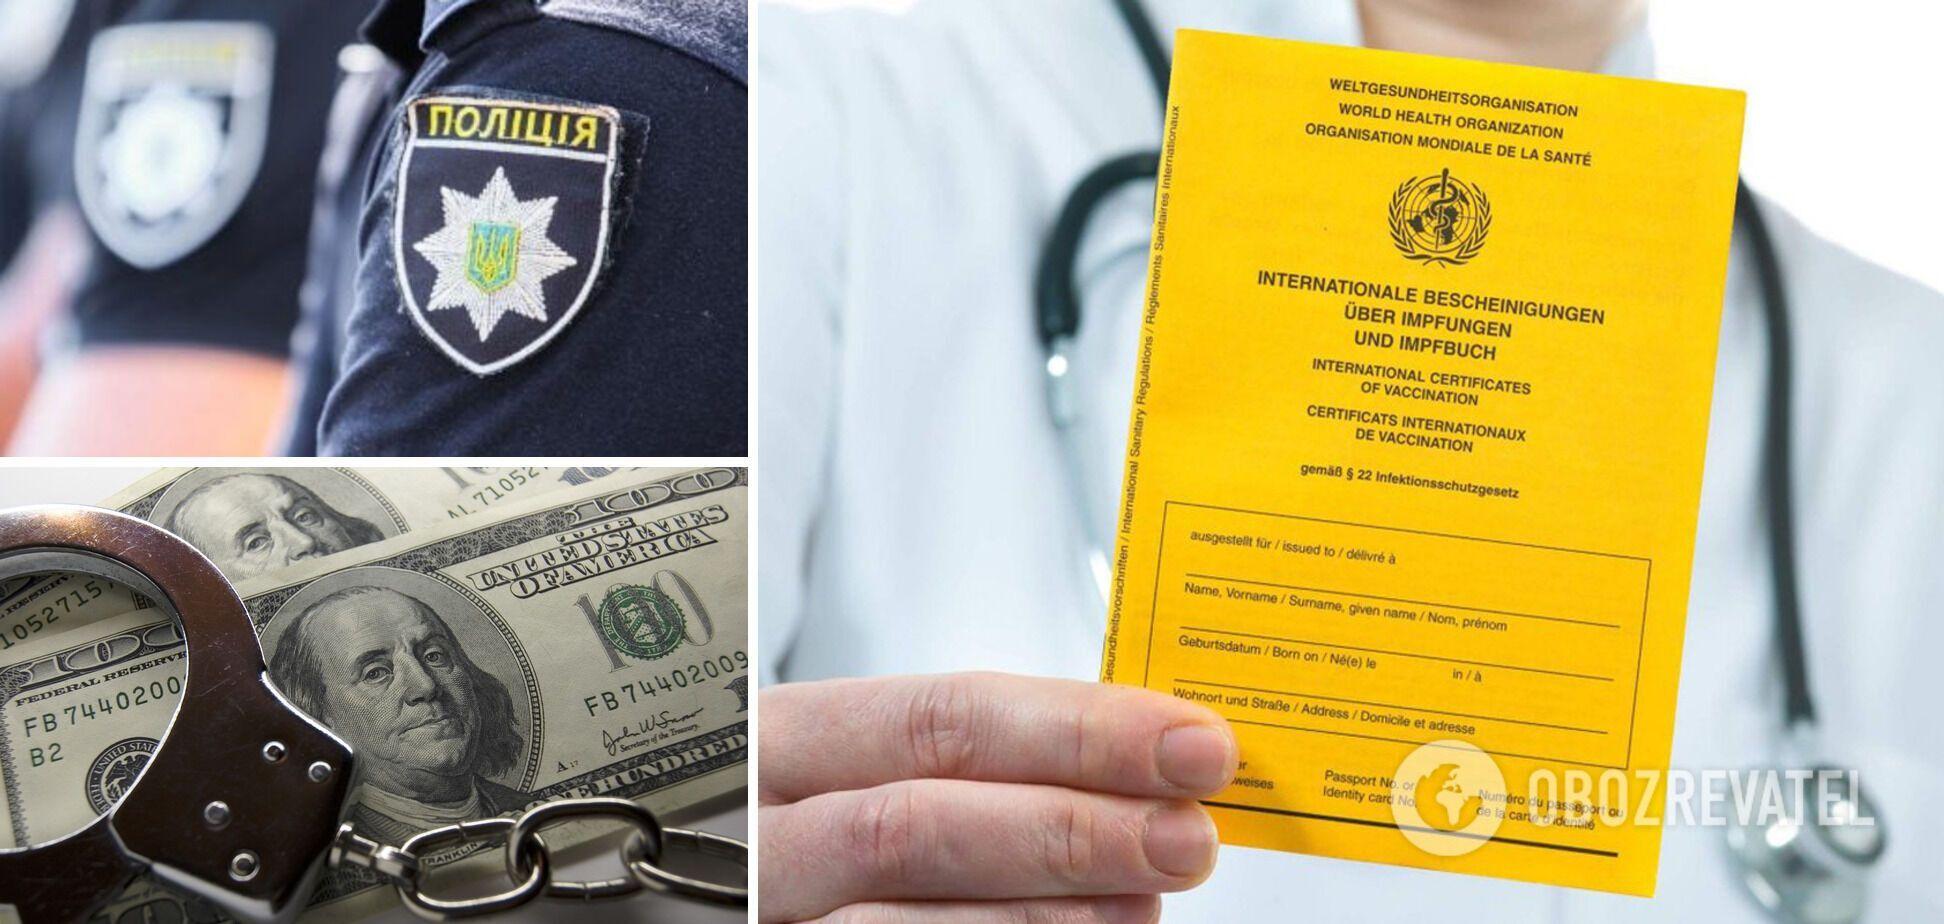 В Україні викрили 'схему' торгівлі COVID-сертифікатами: лікар отримував гроші через посередника. Фото